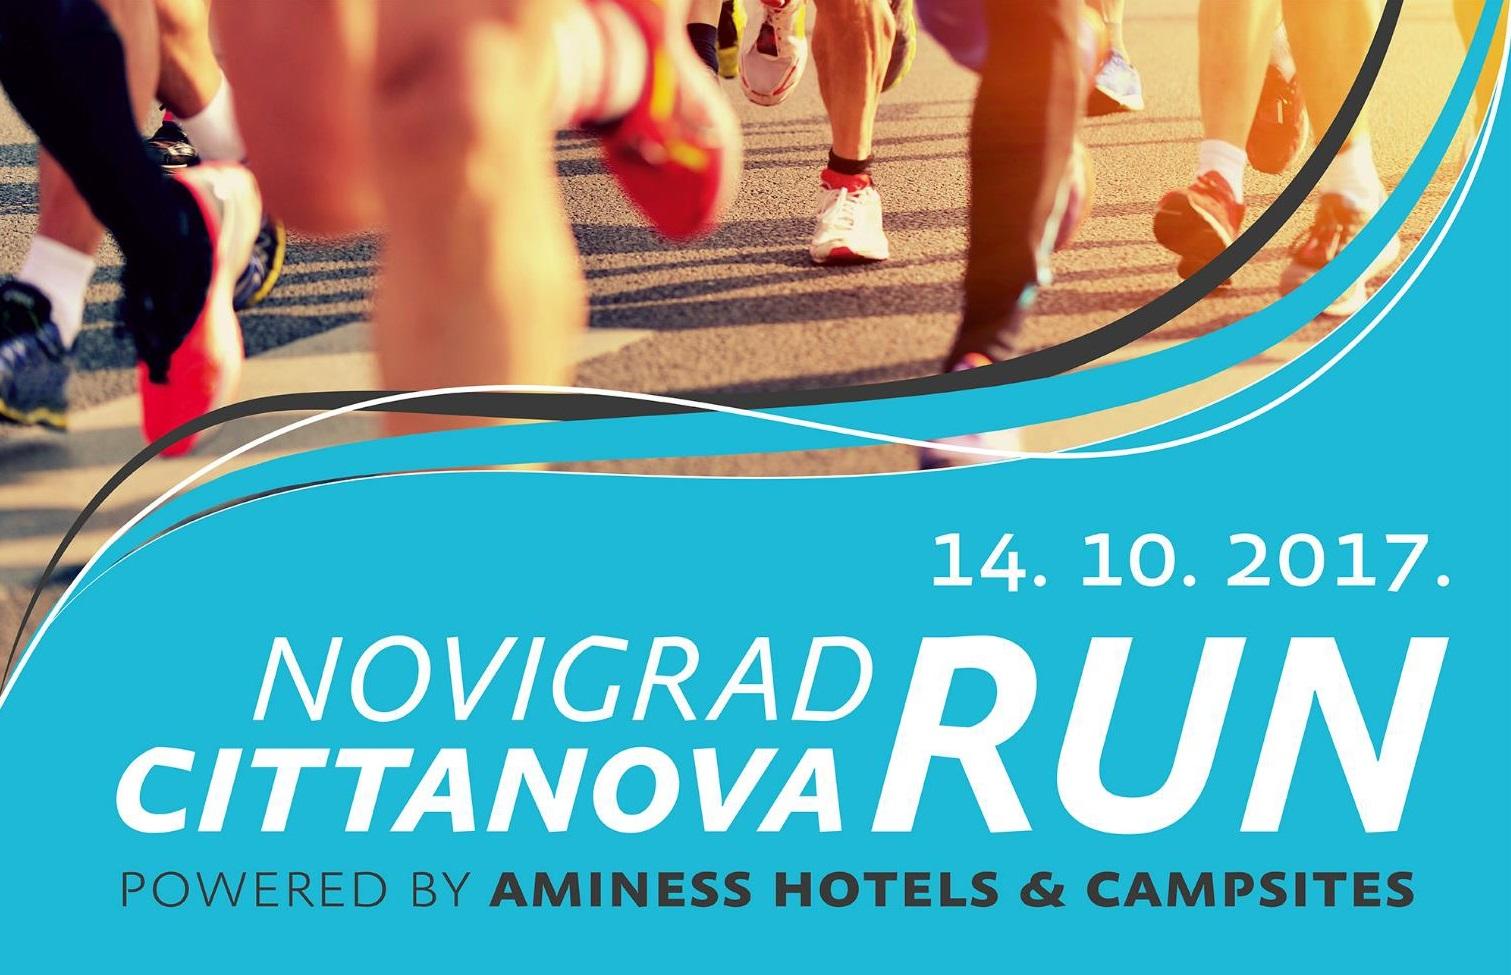 http://www.novigrad.hr/otvorene_su_prijave_za_utrku_novigrad_cittanova_run